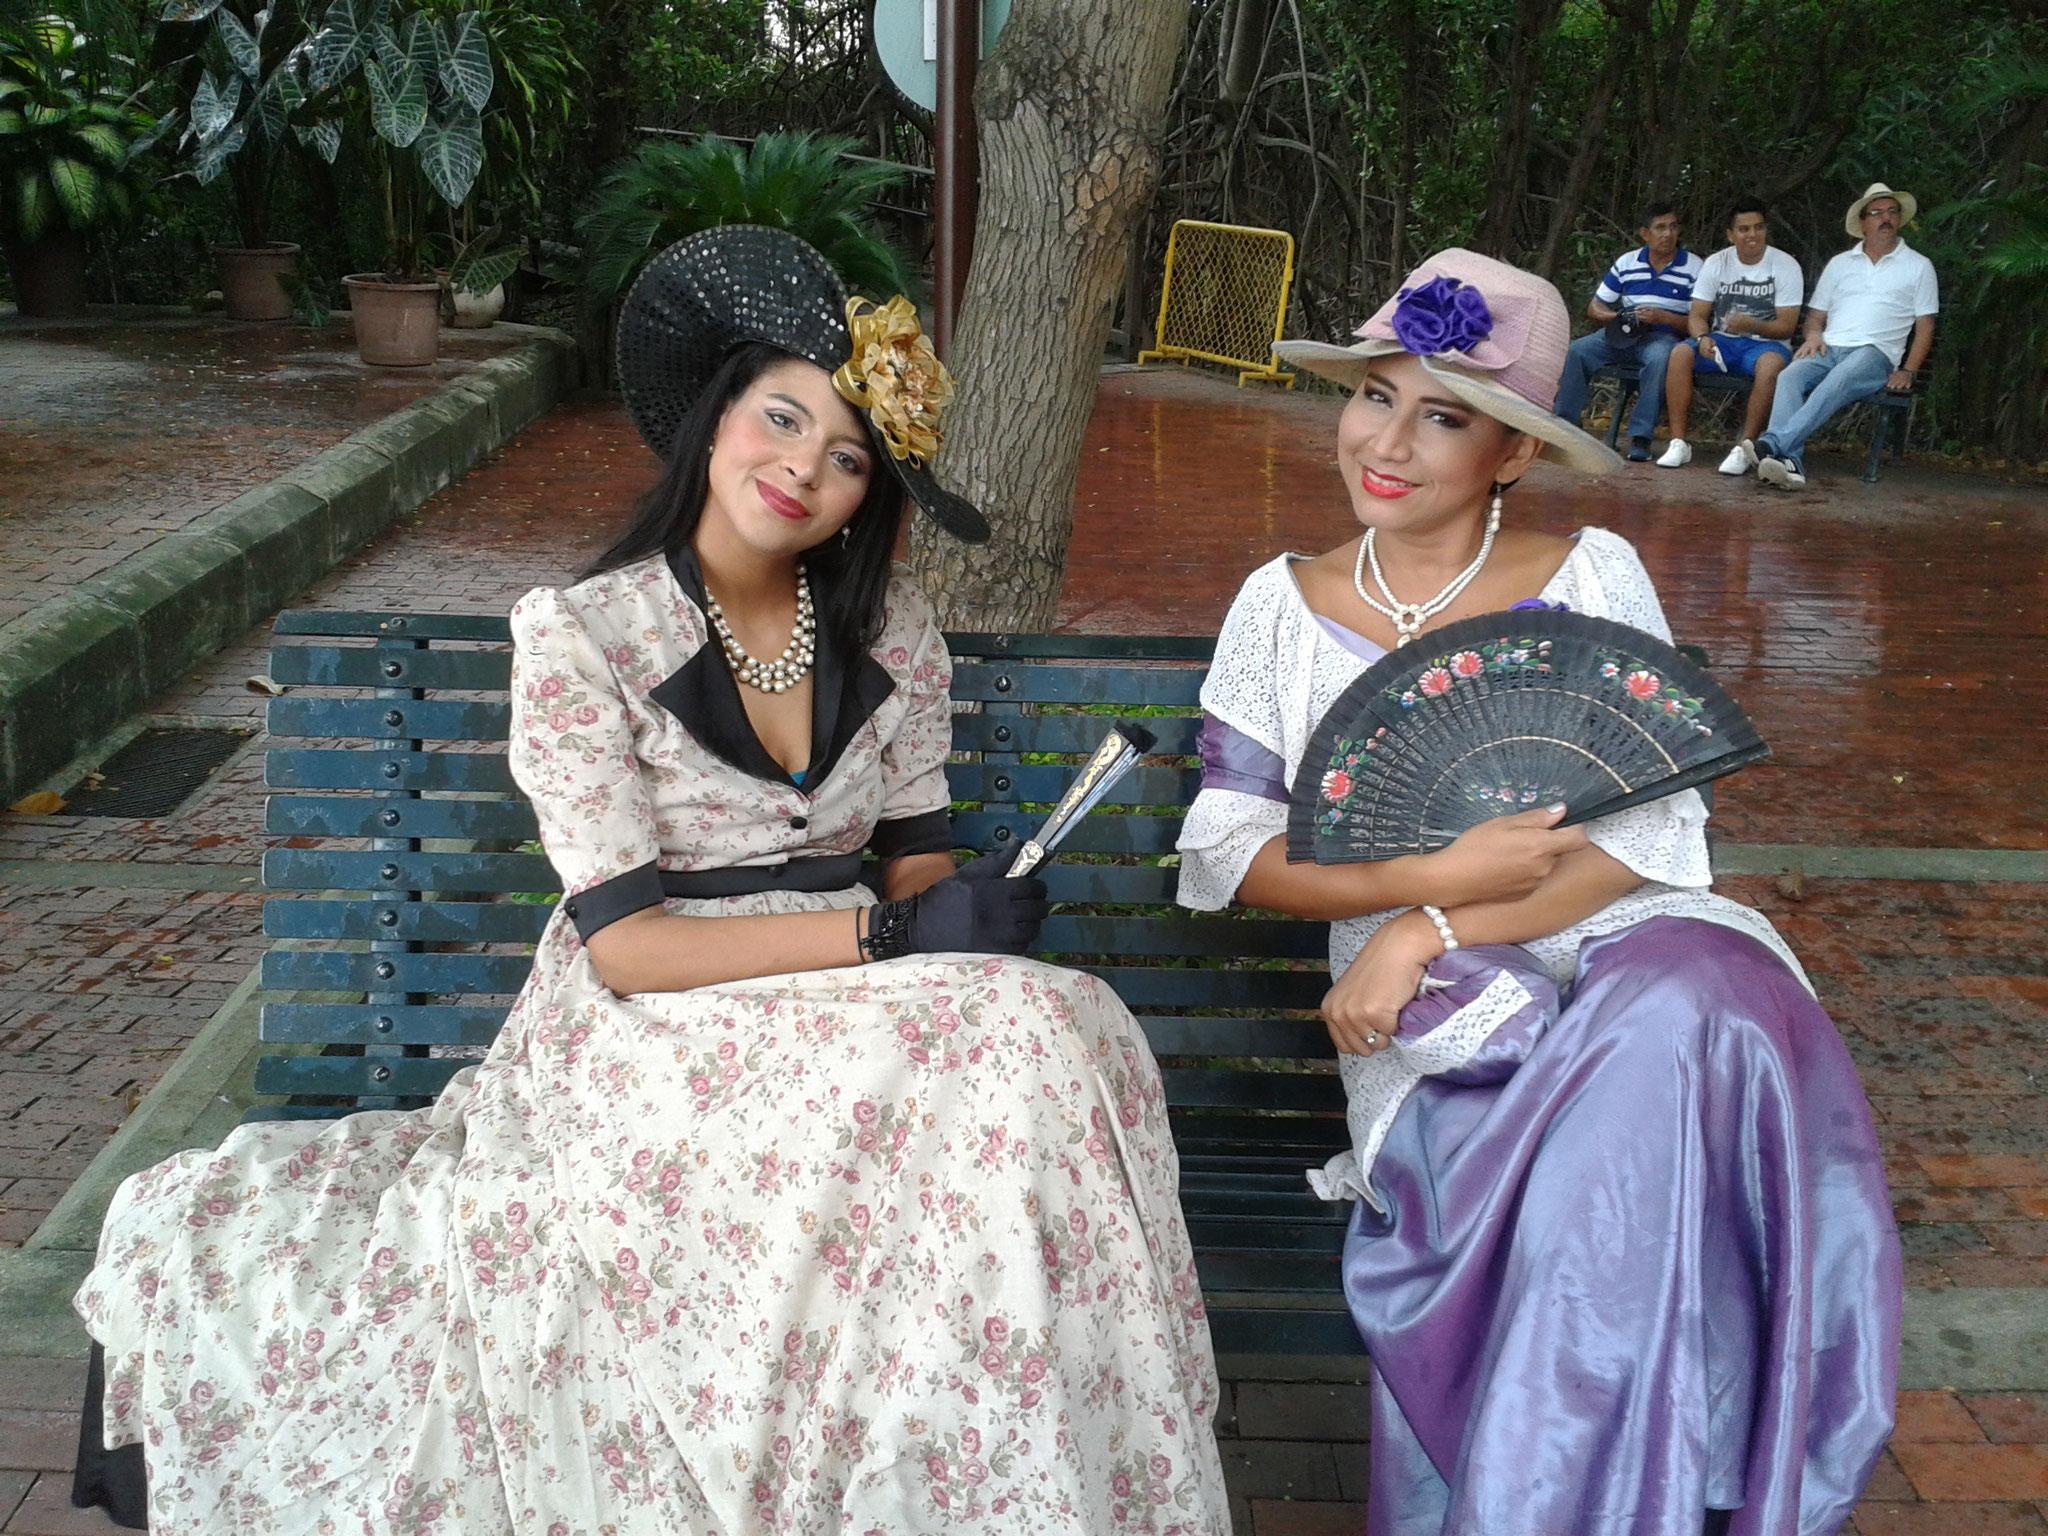 L'élégance des Dames de l'époque à Guayaquil